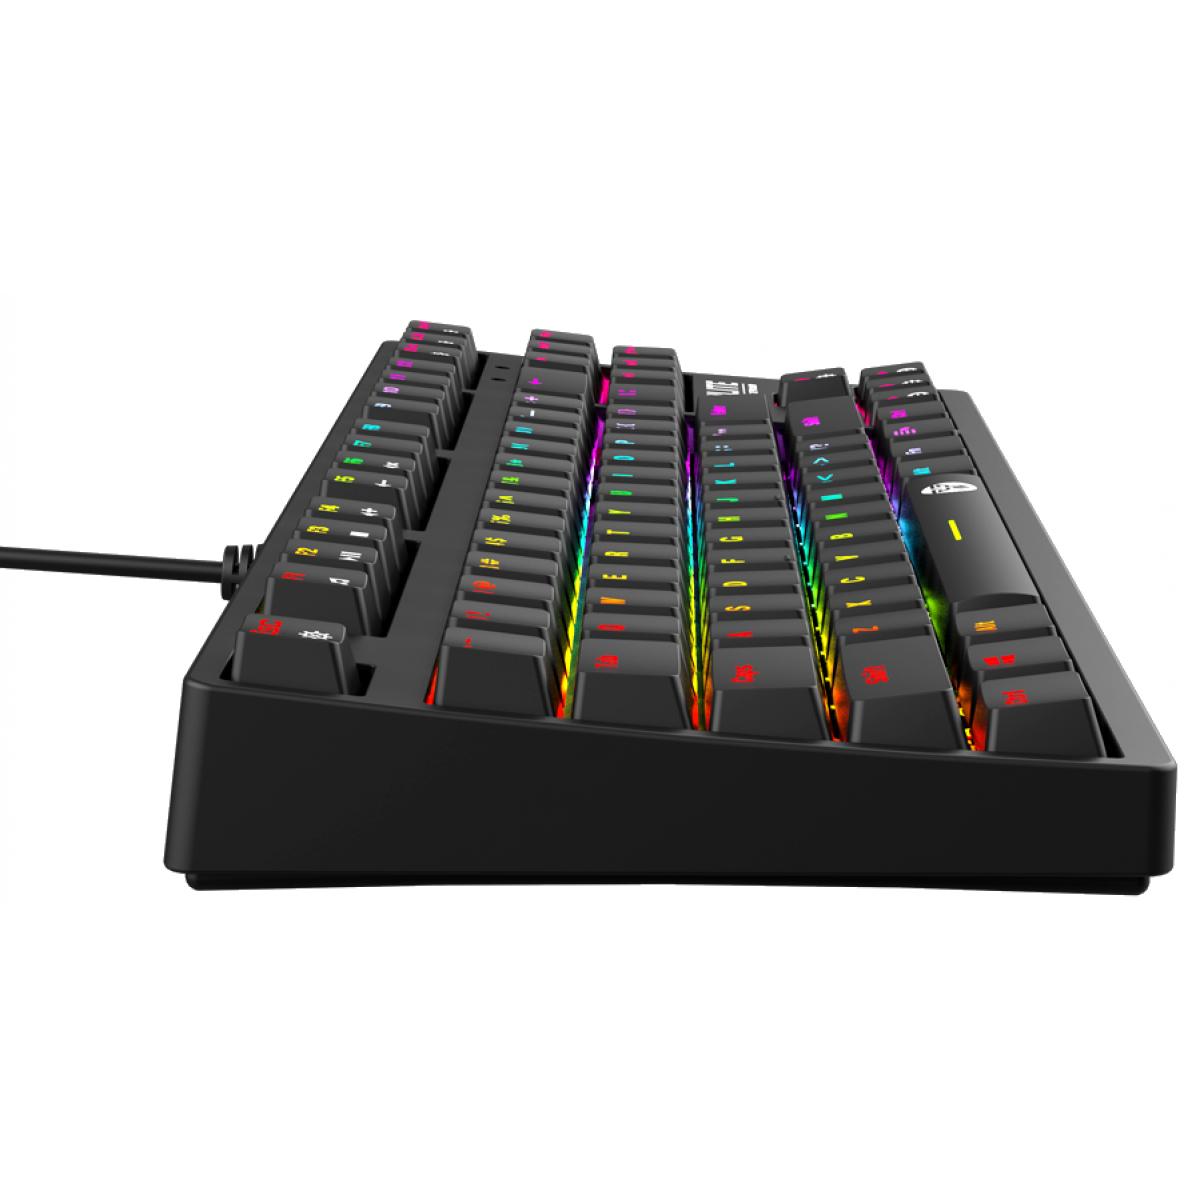 Teclado Gamer Mecânico Fantech Optilite, RGB, Switch Blue, Black, MK872